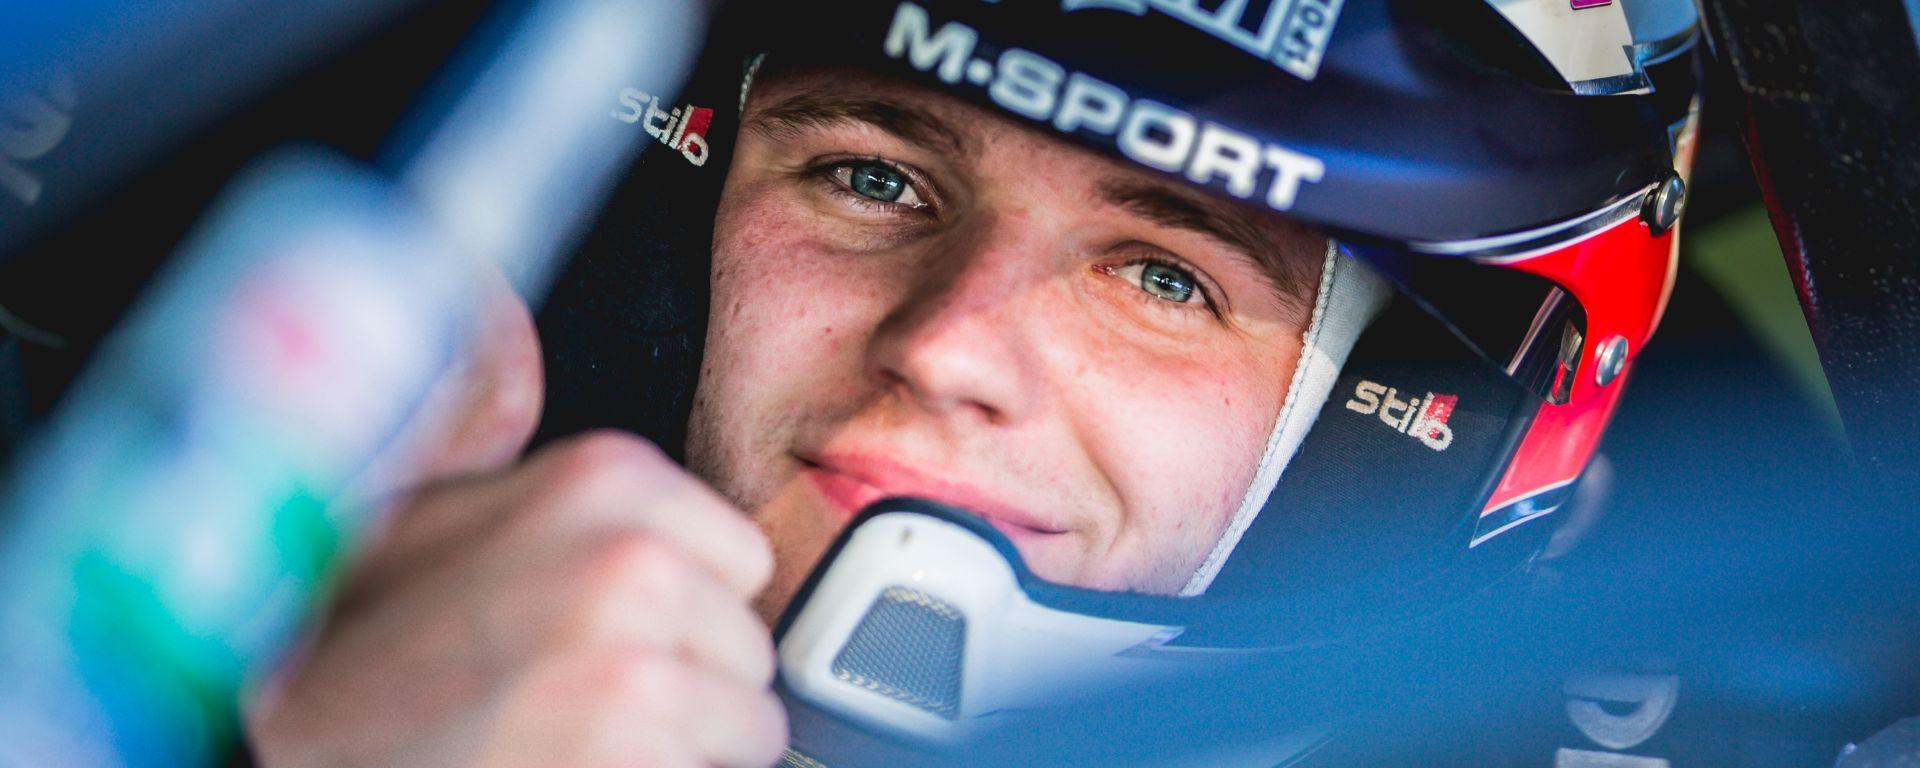 WRC 2020: Gus Greensmith (M-Sport Ford)